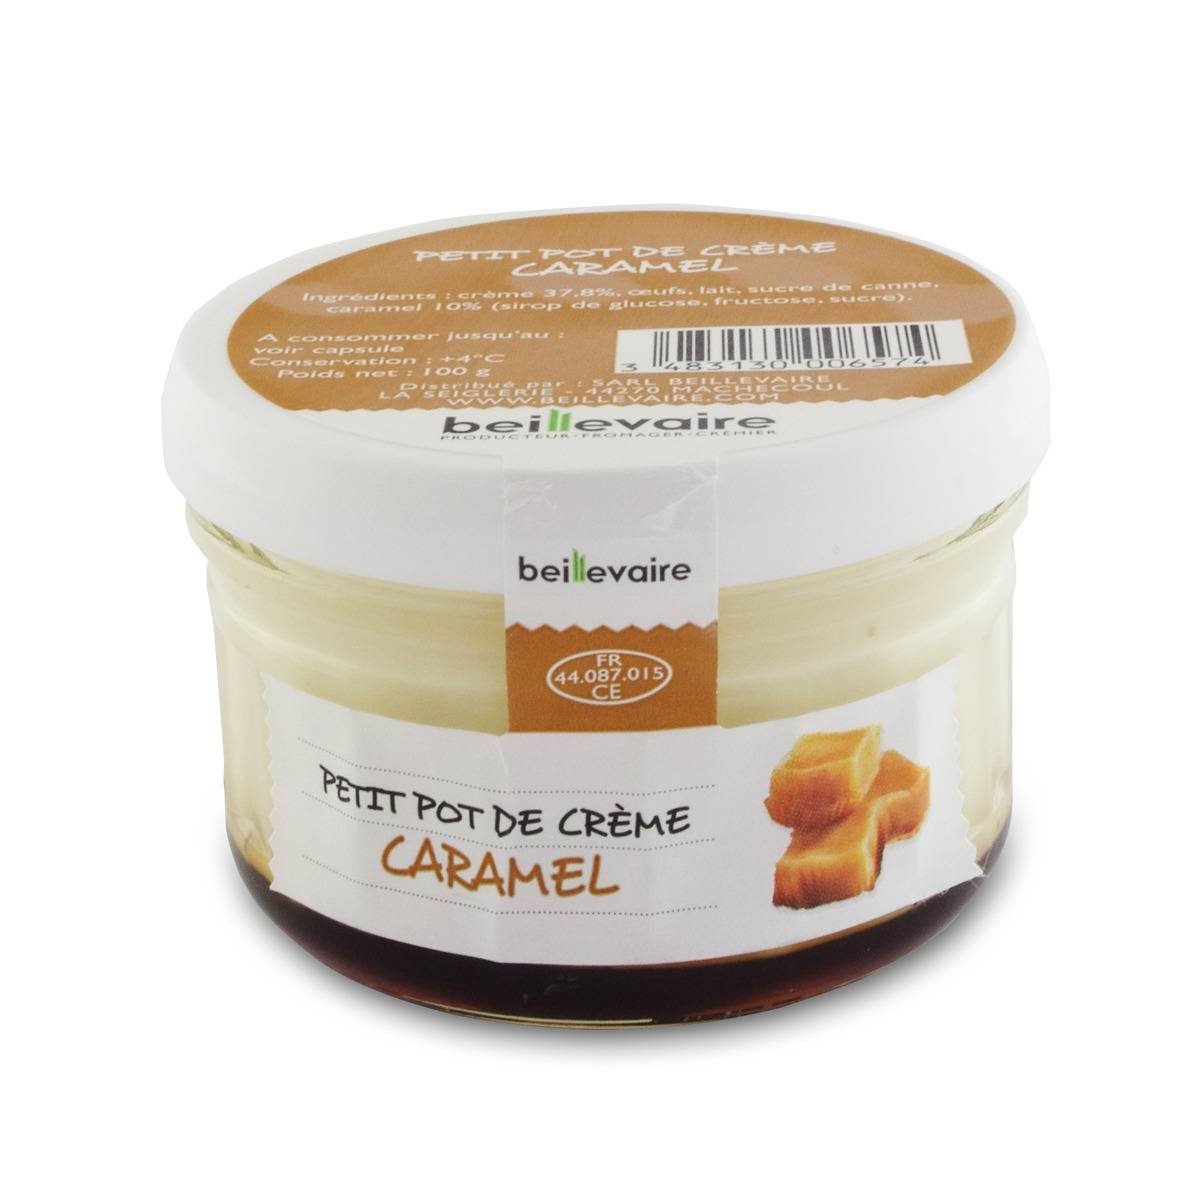 BEILLEVAIRE Petit pot de crème - Caramel